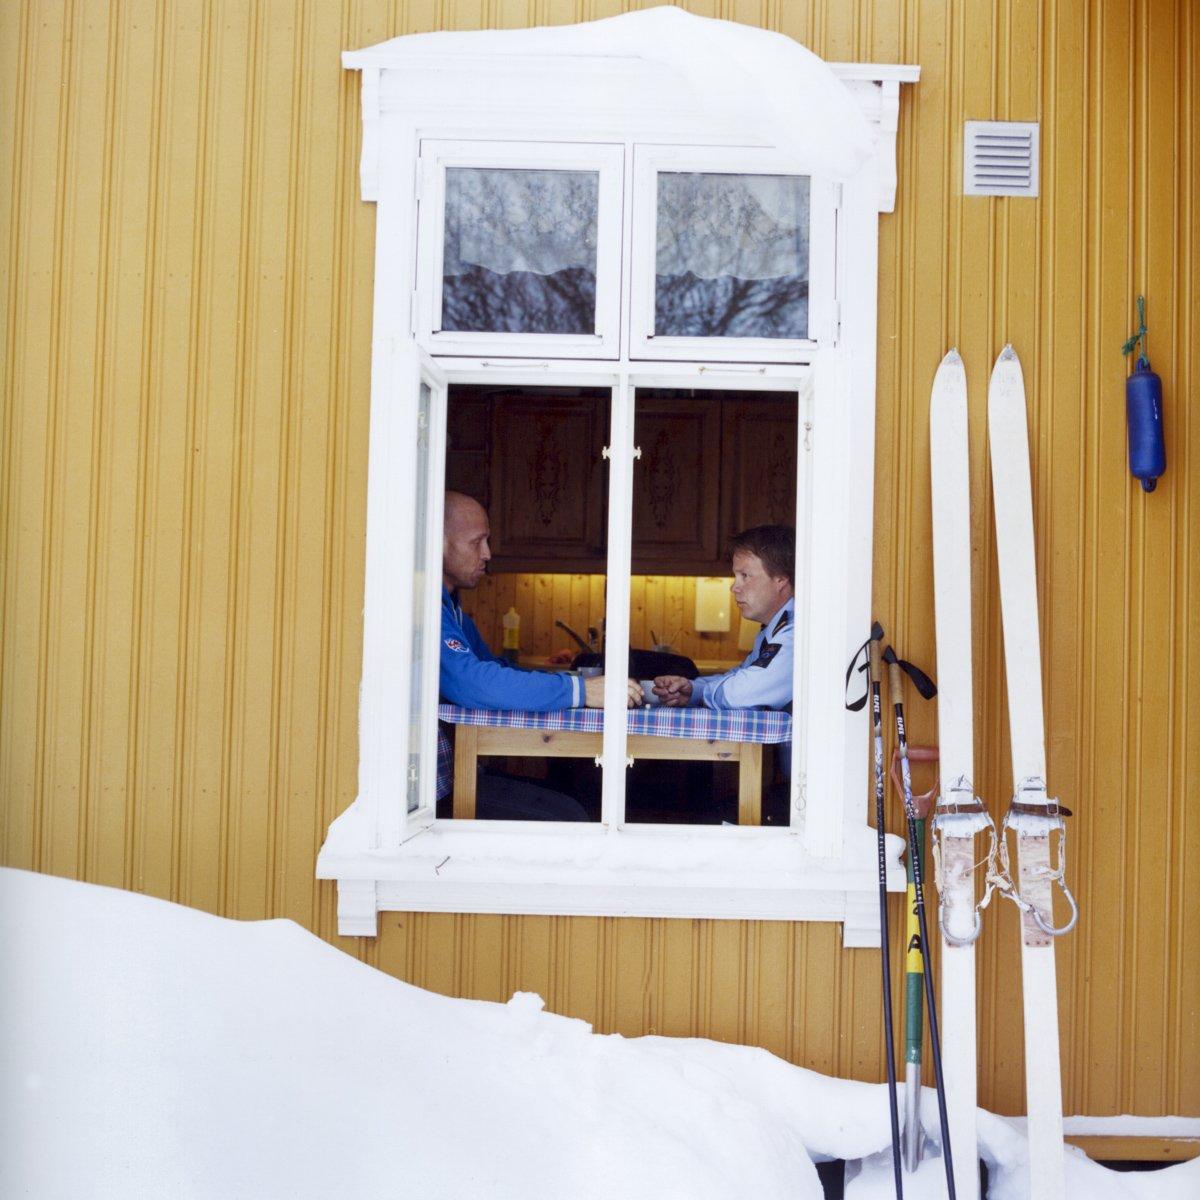 Prisão da Noruega para criminosos violentos parece mais uma colônia de fêrias 15